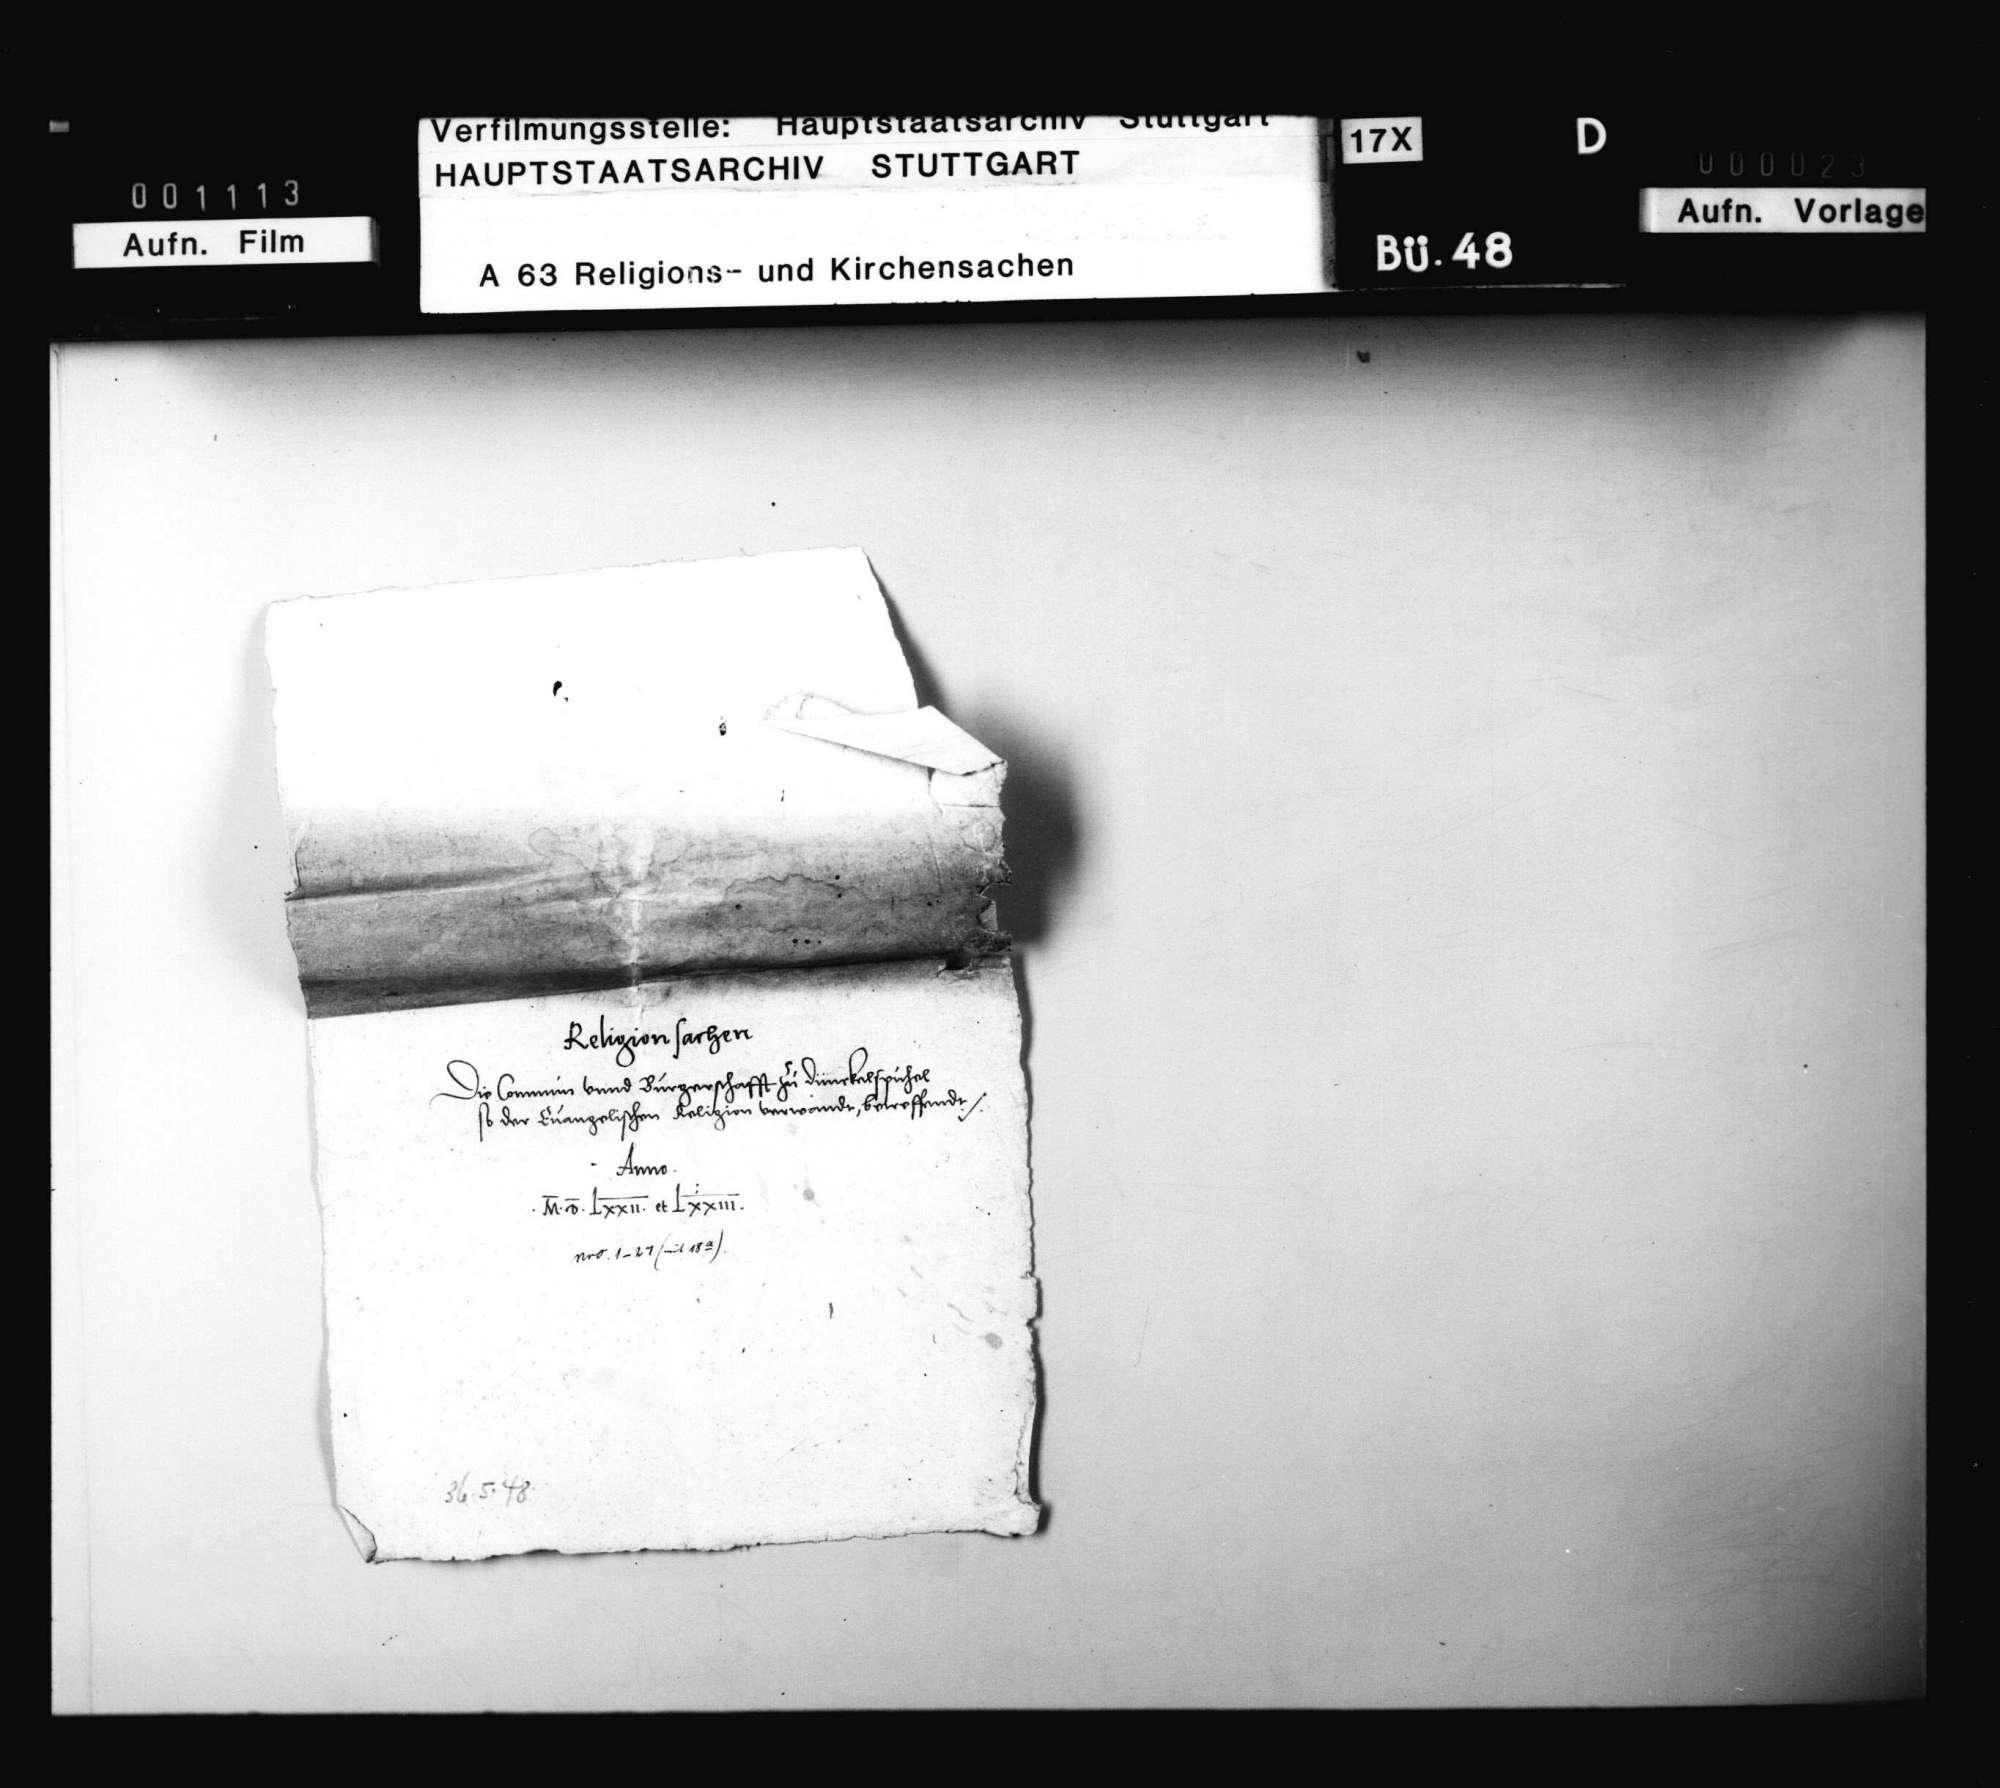 Schriften, betreffend die Verwendung Herzog Ludwigs für die Evangelischen in der Stadt Dinkelsbühl., Bild 2